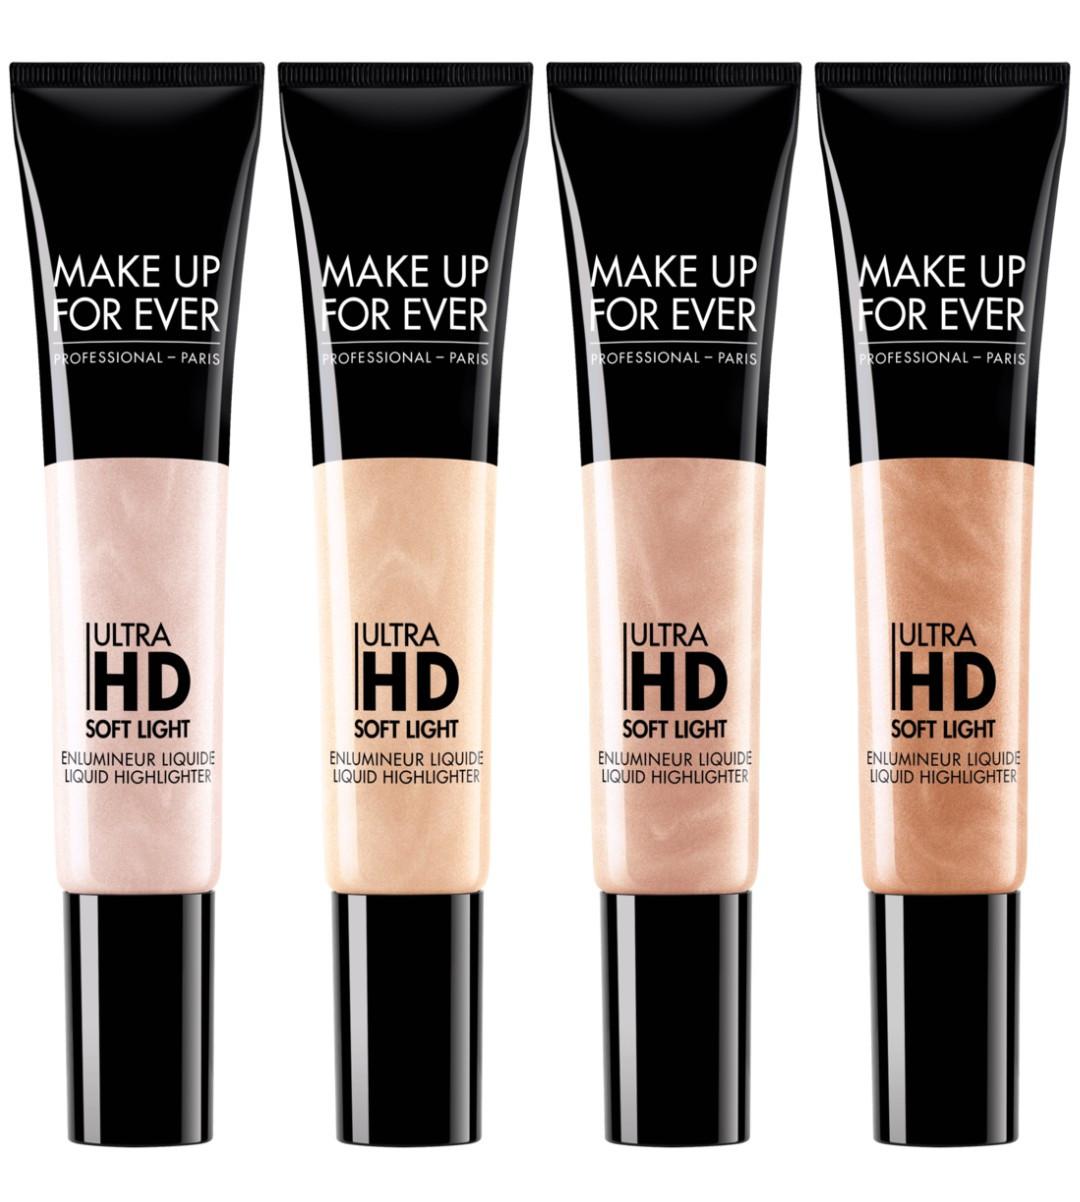 Make Up For Ever Ultra HD Soft Light | Makeup | BeautyAlmanac